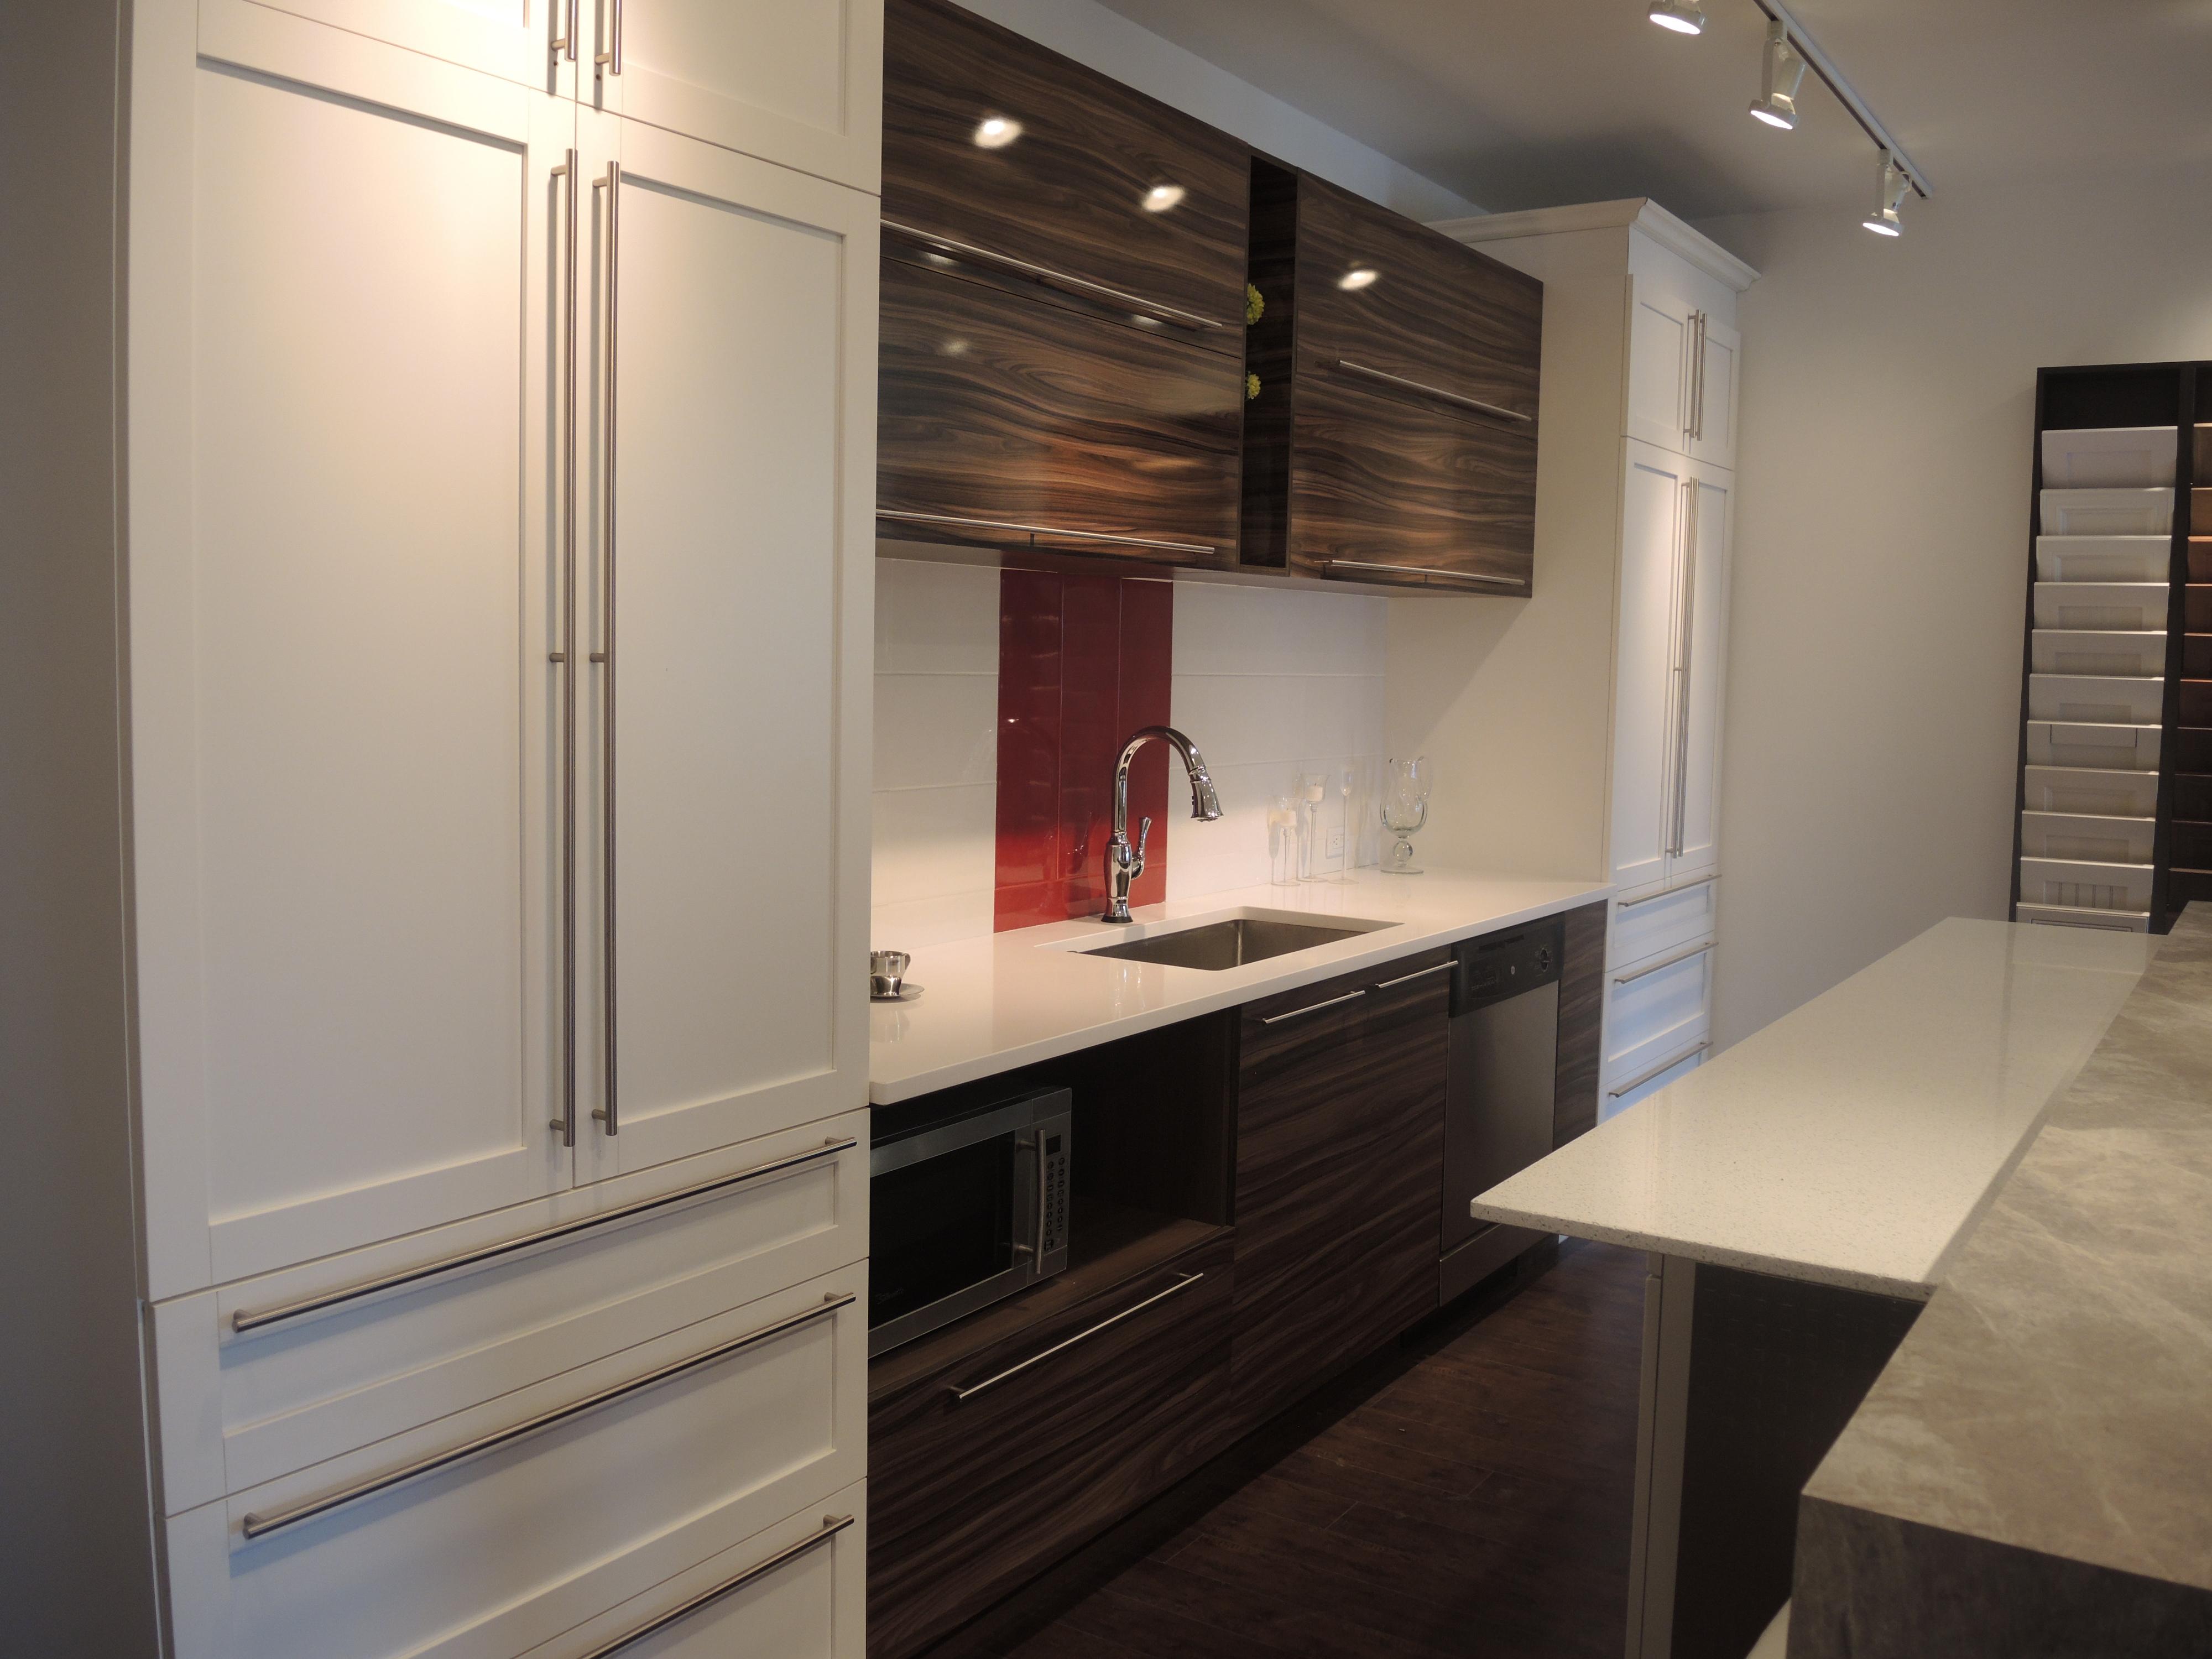 Panneau Melamine Noir Mat armoires xcetera: fabricant d'armoires de cuisine haut de